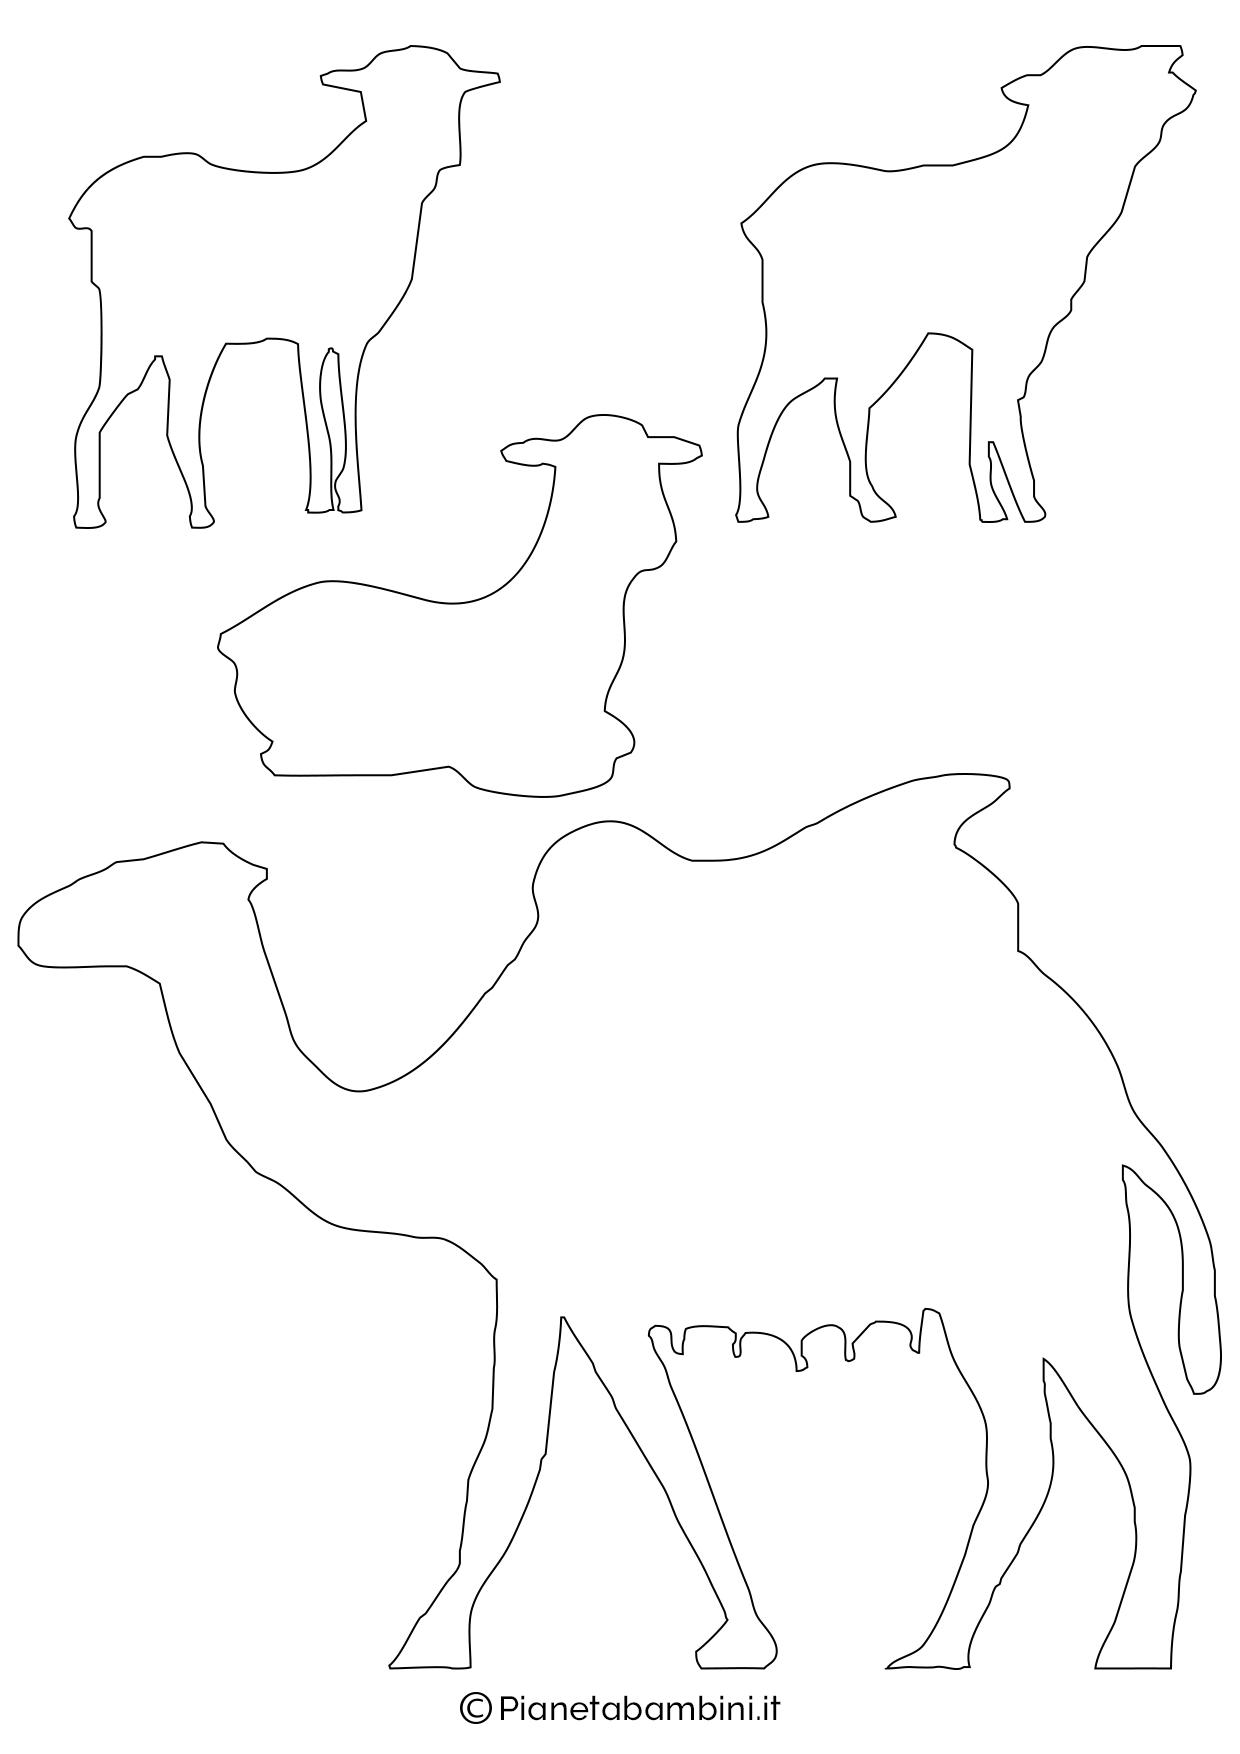 Cammello e pecorelle